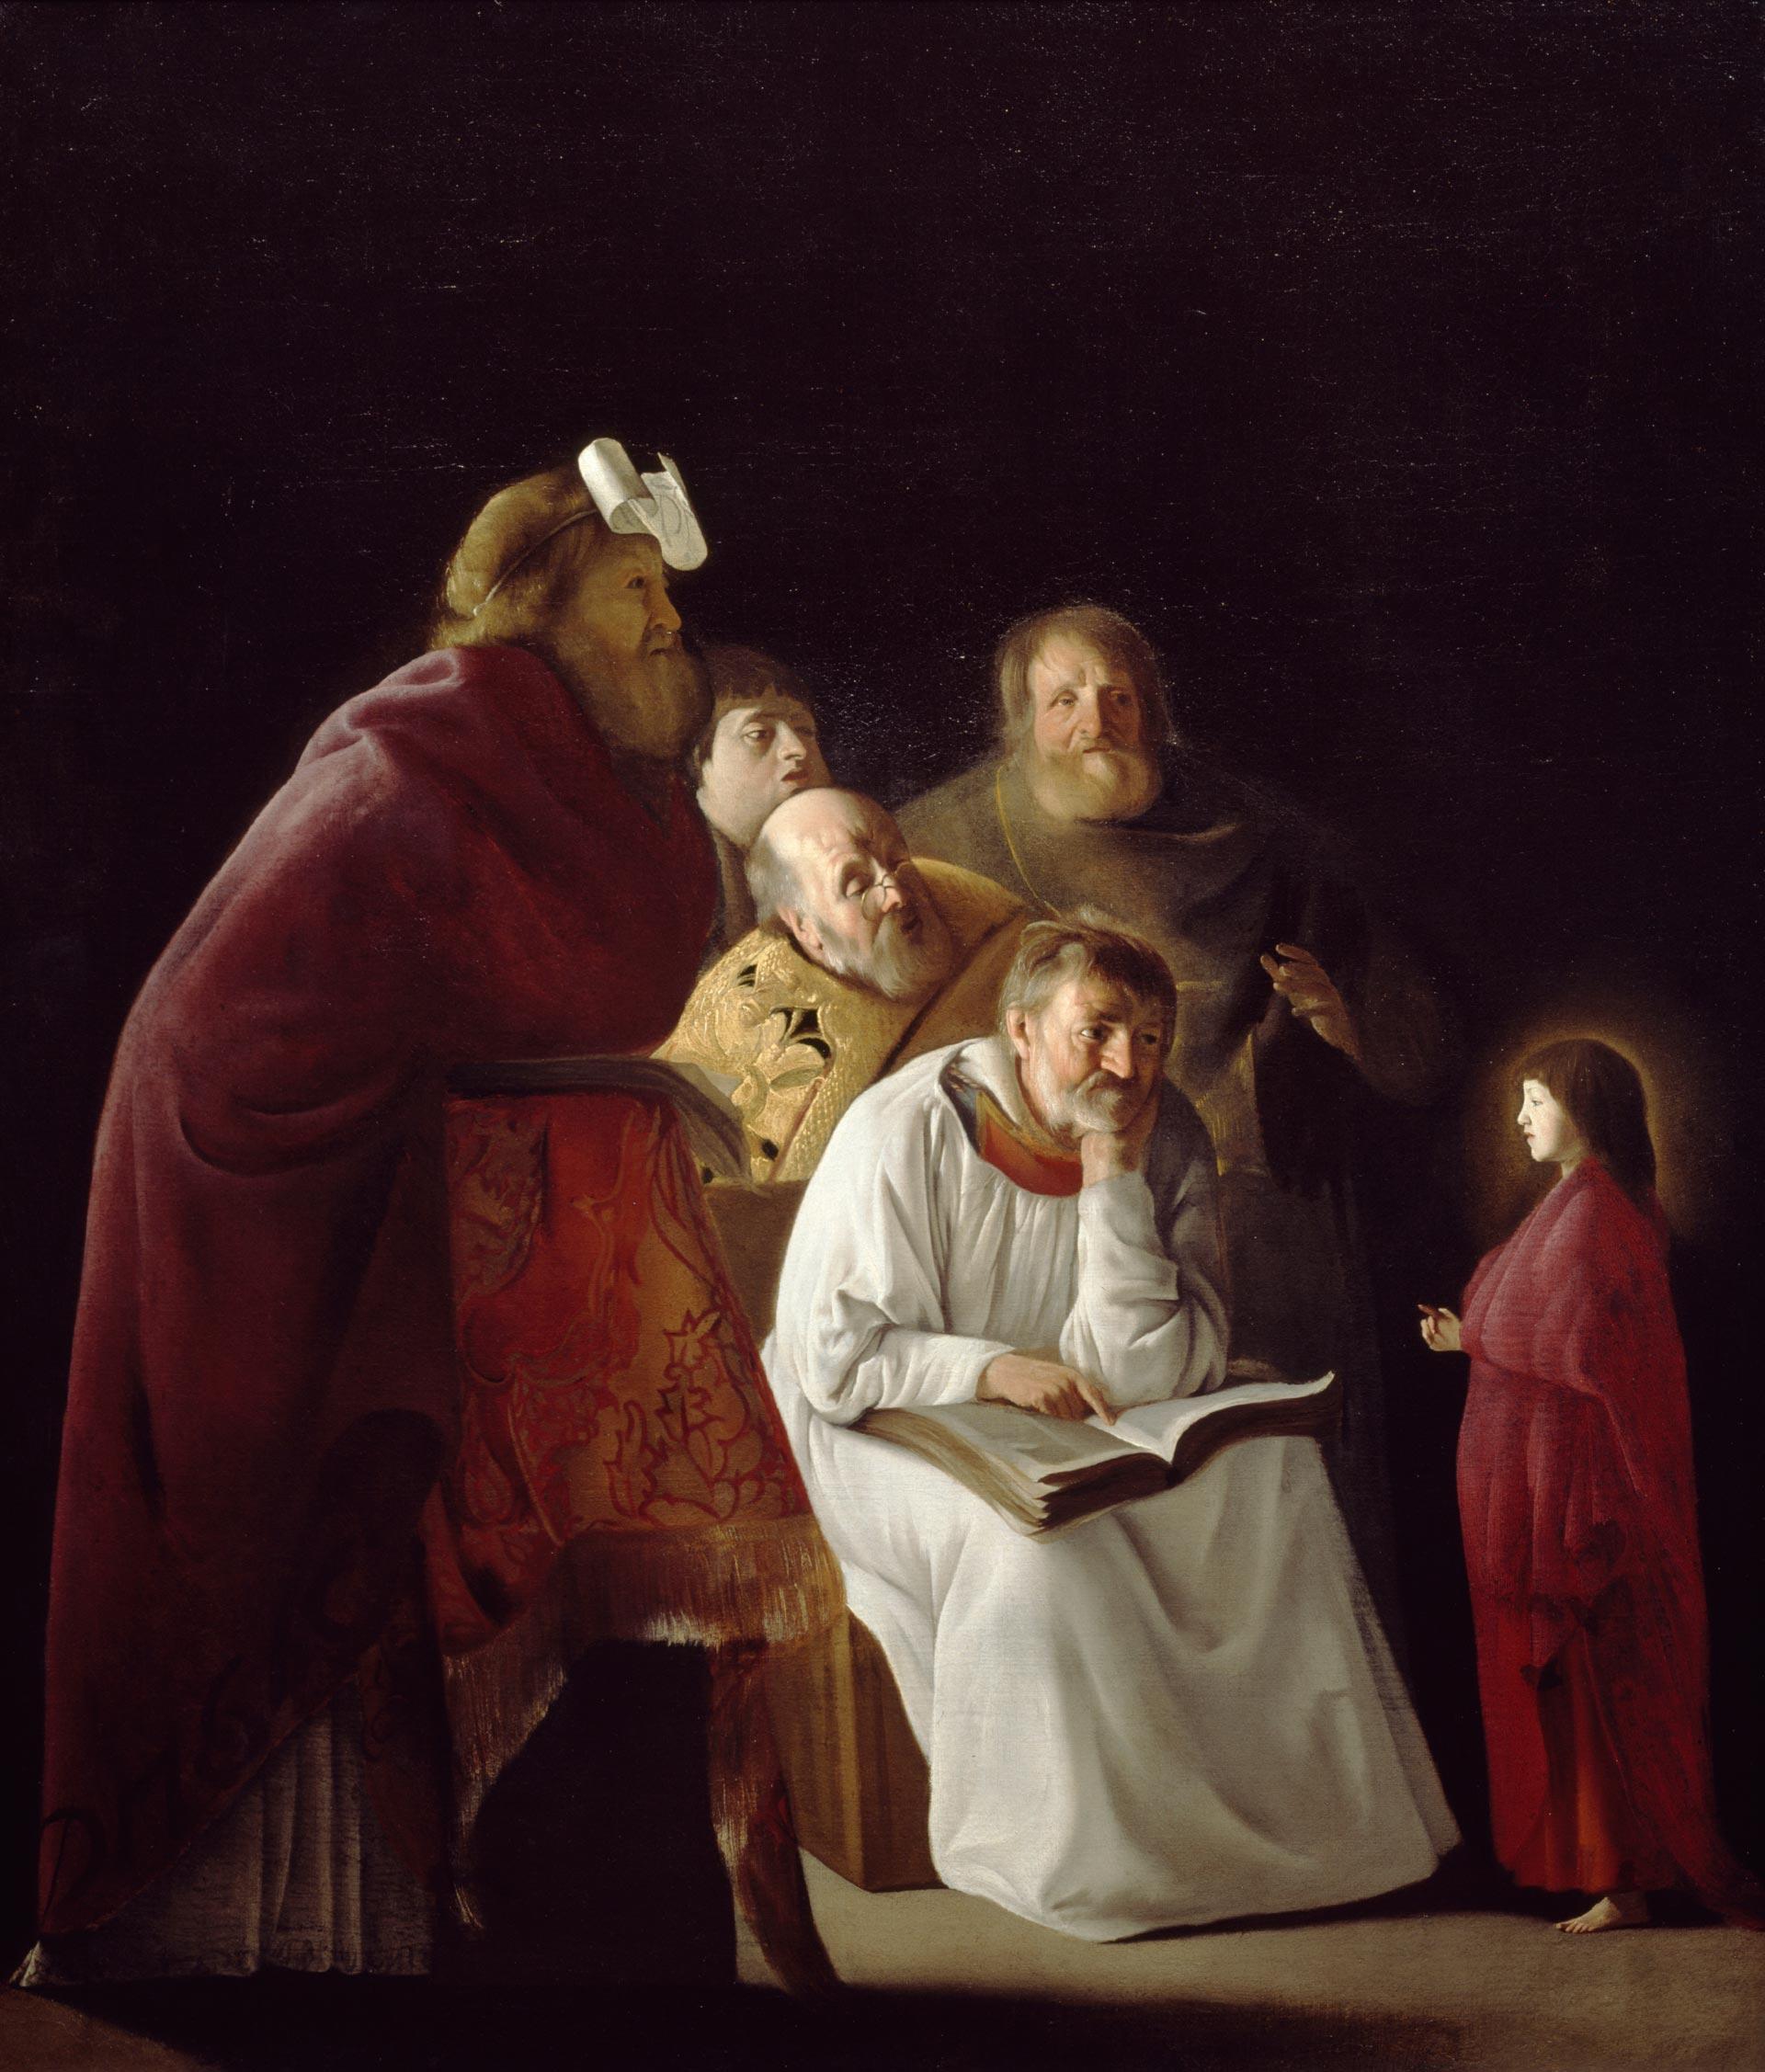 Paulus Bor, Gesù dodicenne al Tempio (1630-1635; olio su tela, 115,2 x 97,3 cm; Utrecht, Centraal Museum)